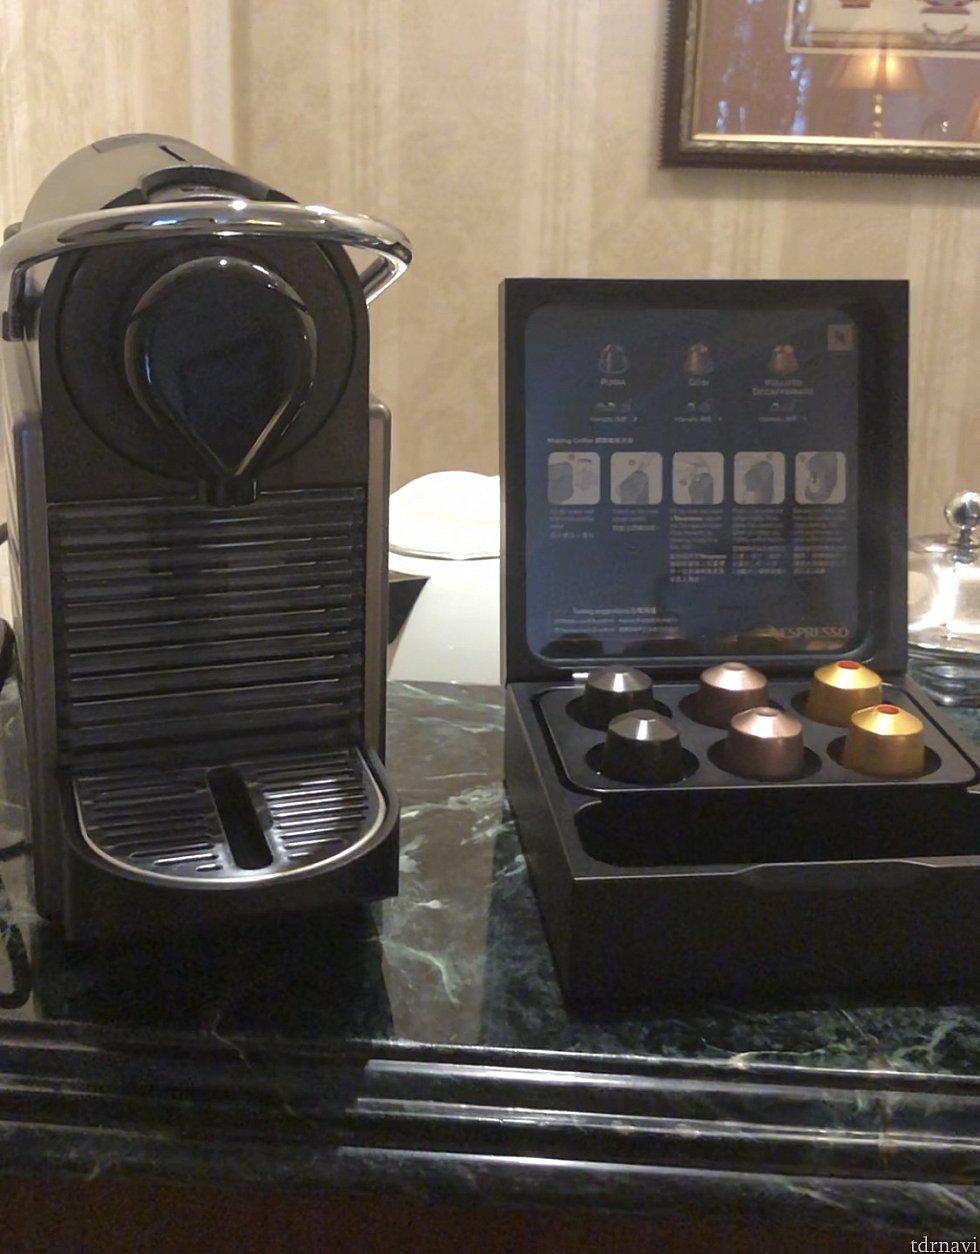 カウンターの上には立派なコーヒーメーカー。あと1リットルの水が2本ありました。